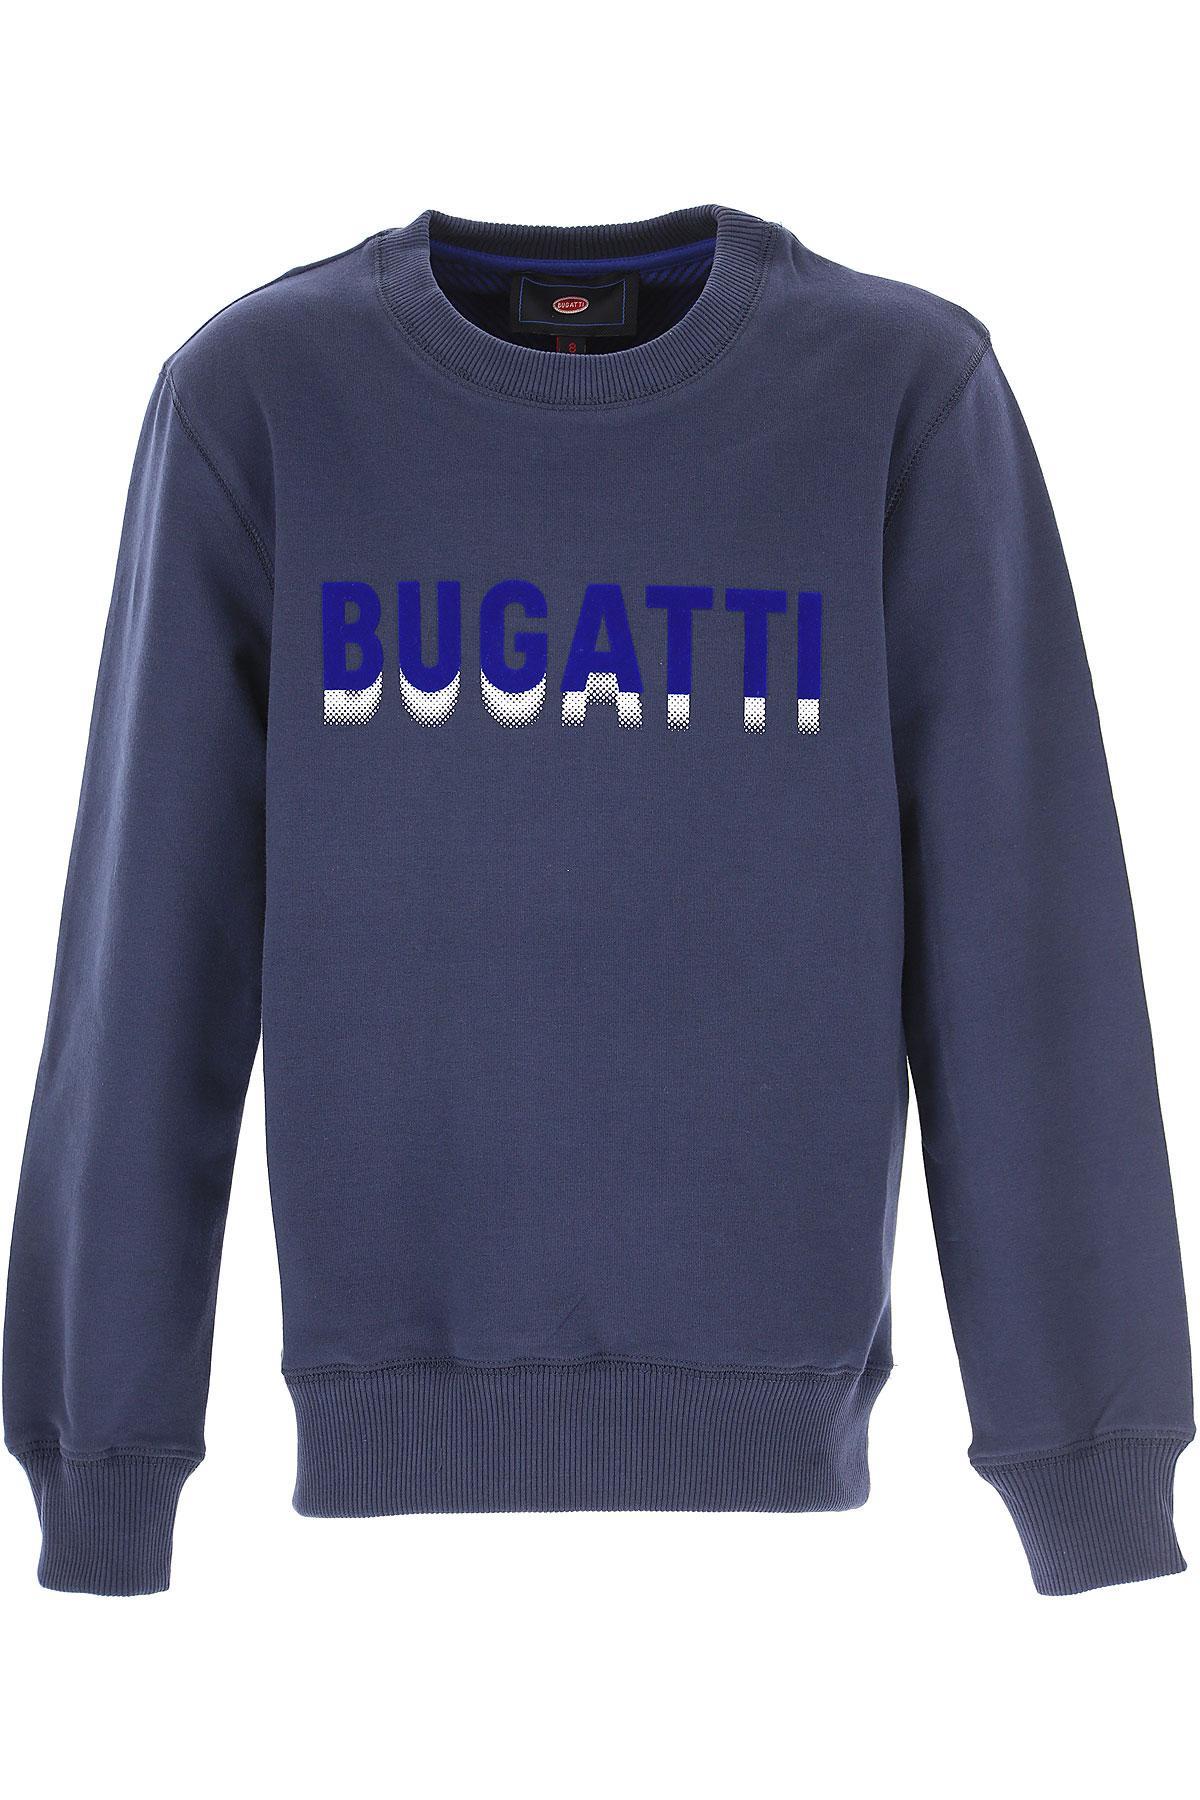 Image of Bugatti Kids Sweatshirts & Hoodies for Boys, Blue, Cotton, 2017, 10Y 14Y 16Y 8Y